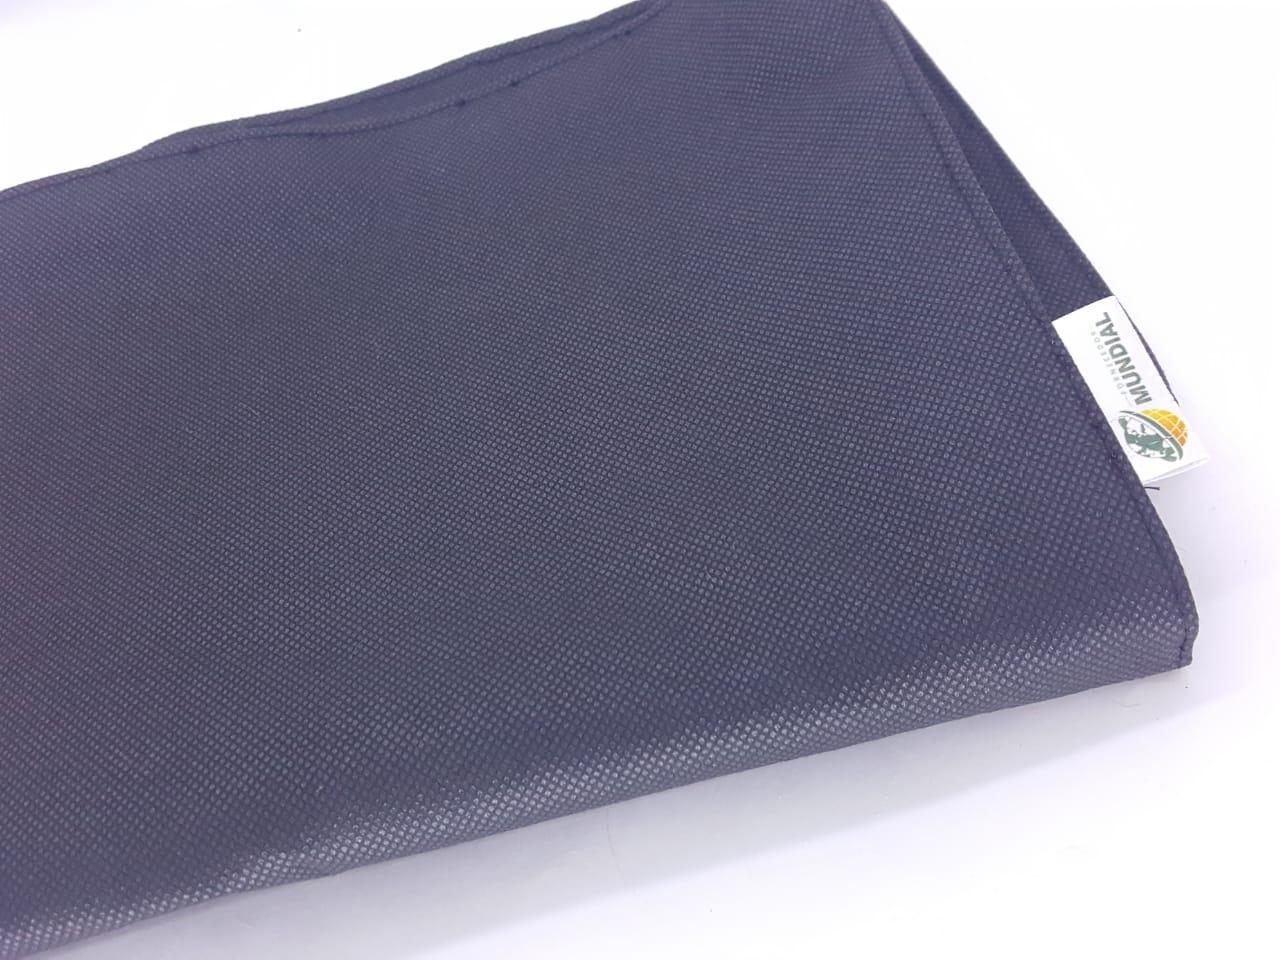 Capa para TV 60 LED polegadas proteção suporte painel